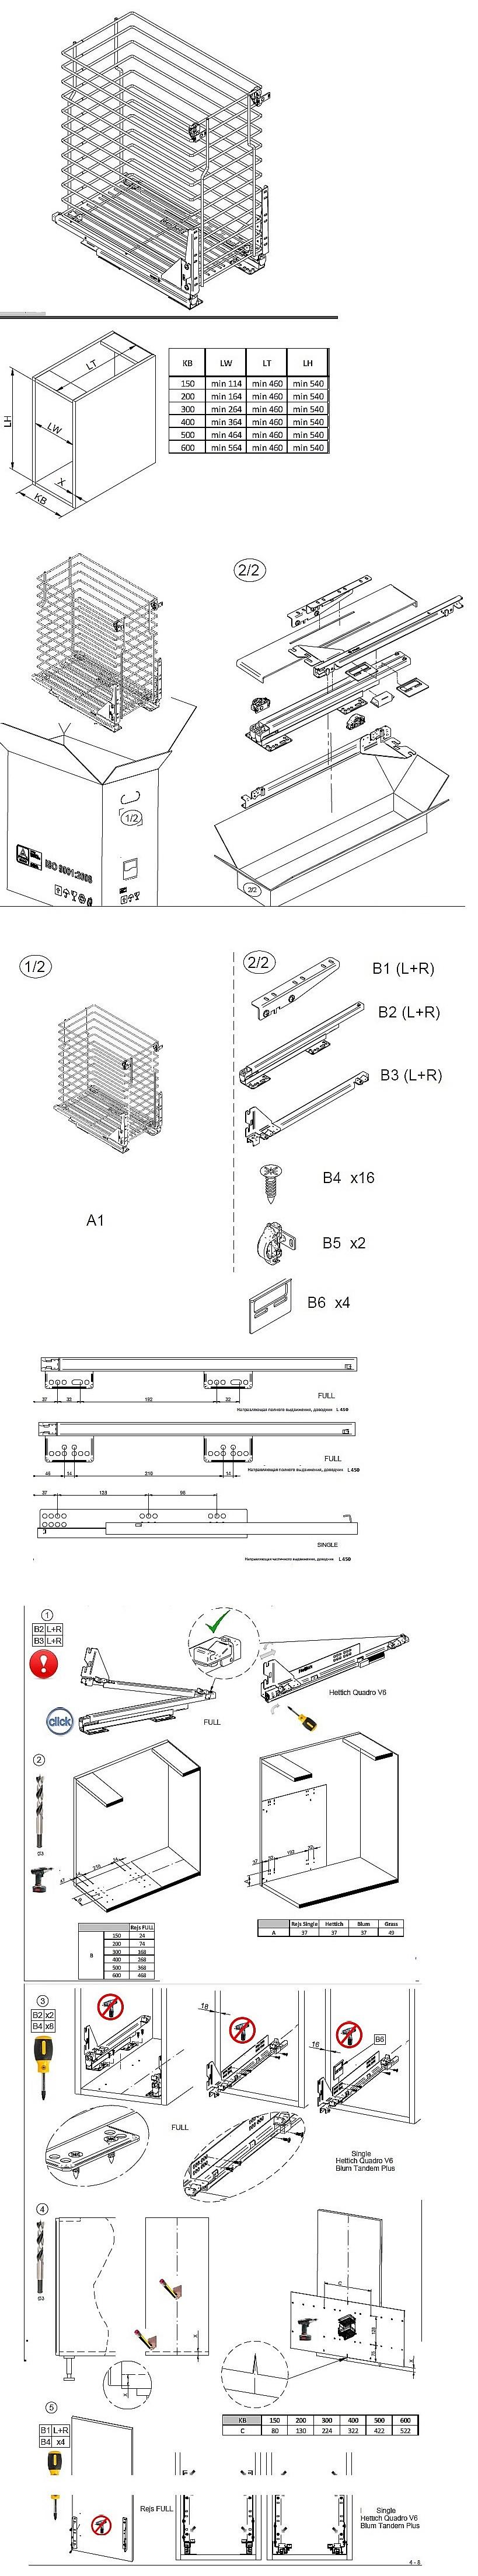 Схема и инструкция сборки высокой корзины для белья.